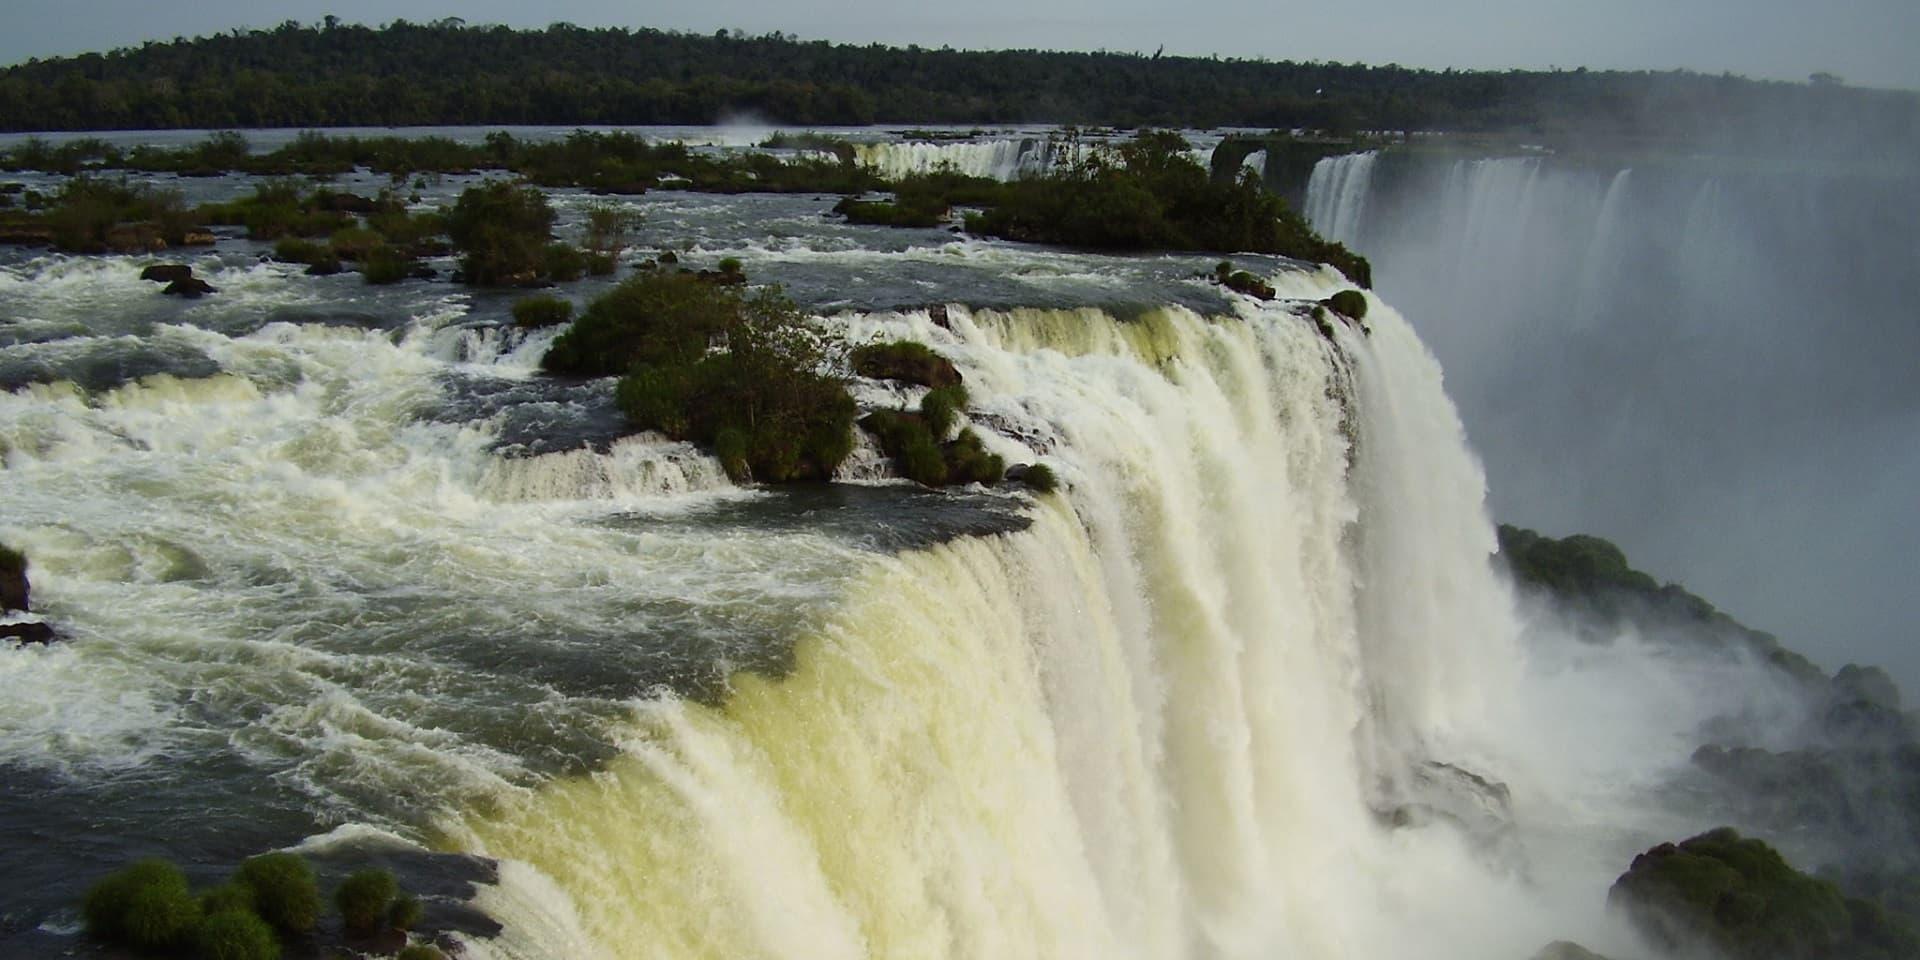 Тур в Бразилию. Водопад Игуасу. Вид с аргентинской стороны